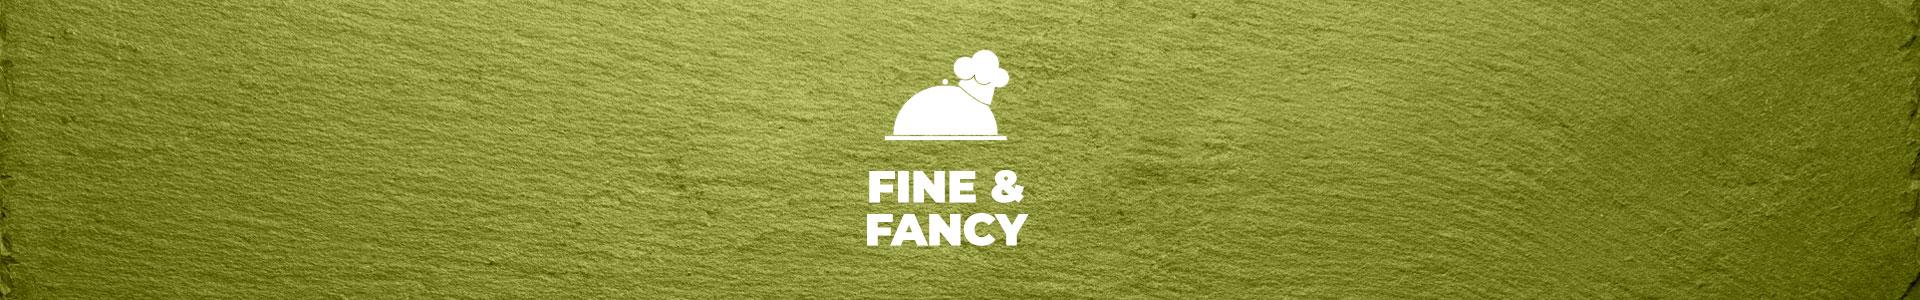 Fine & Fancy